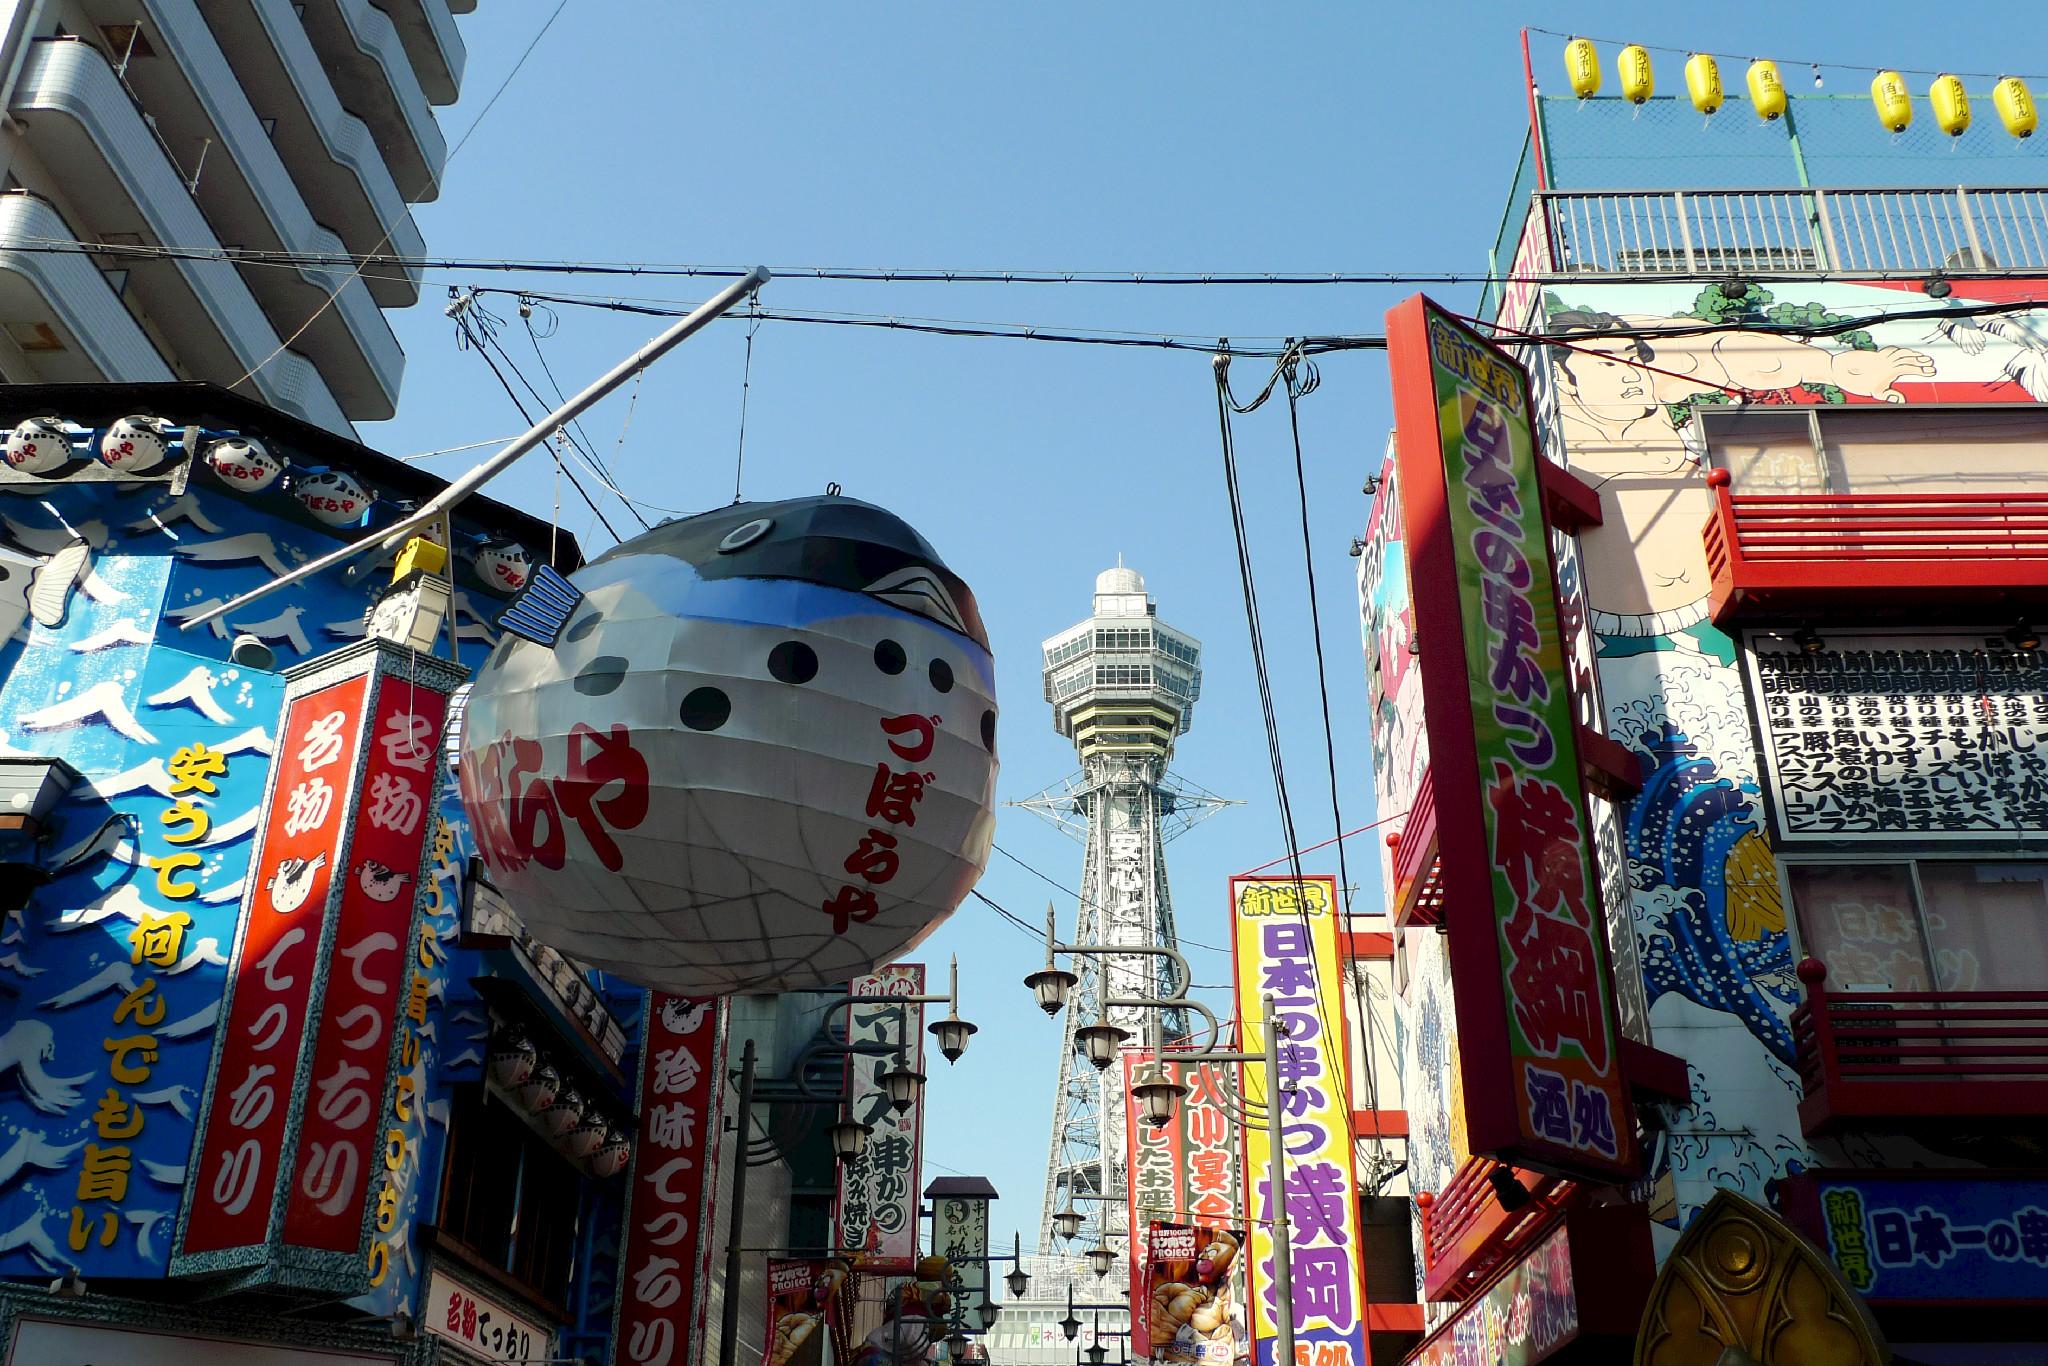 Günstig Übernachten in japan empfehlungen für hotel hostel